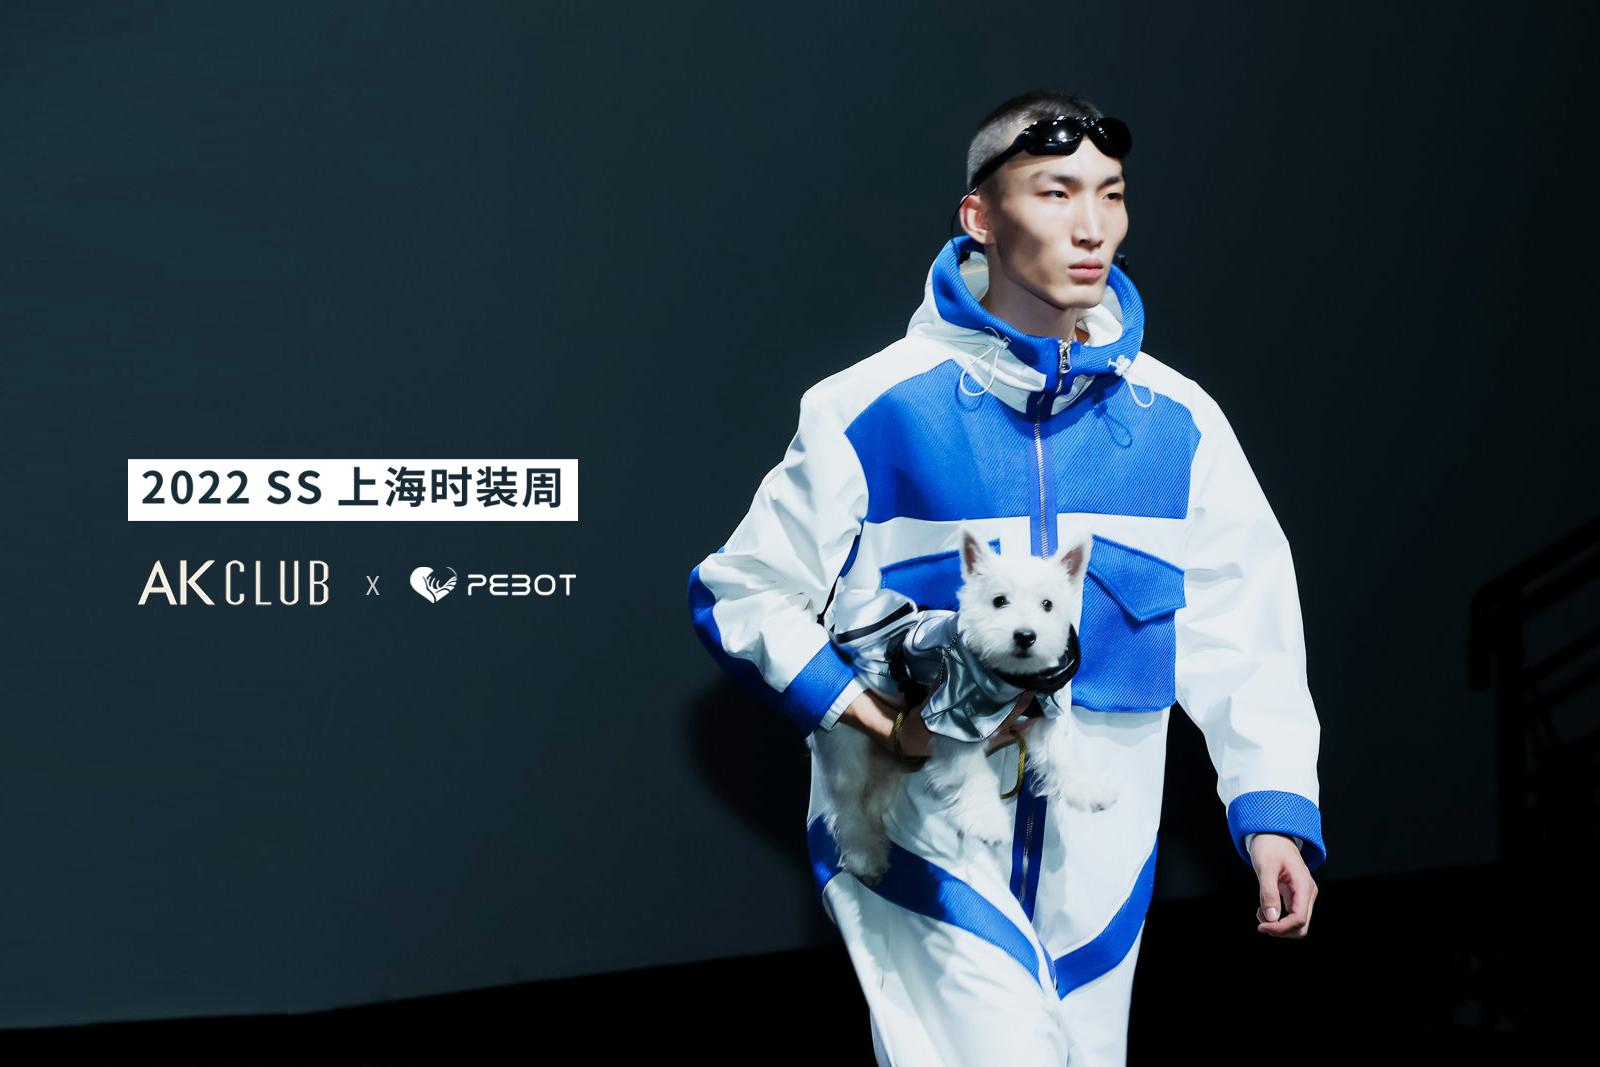 """""""太空狗""""大麦登上上海时装周T台,PEBOT将亲宠体验做到极致"""